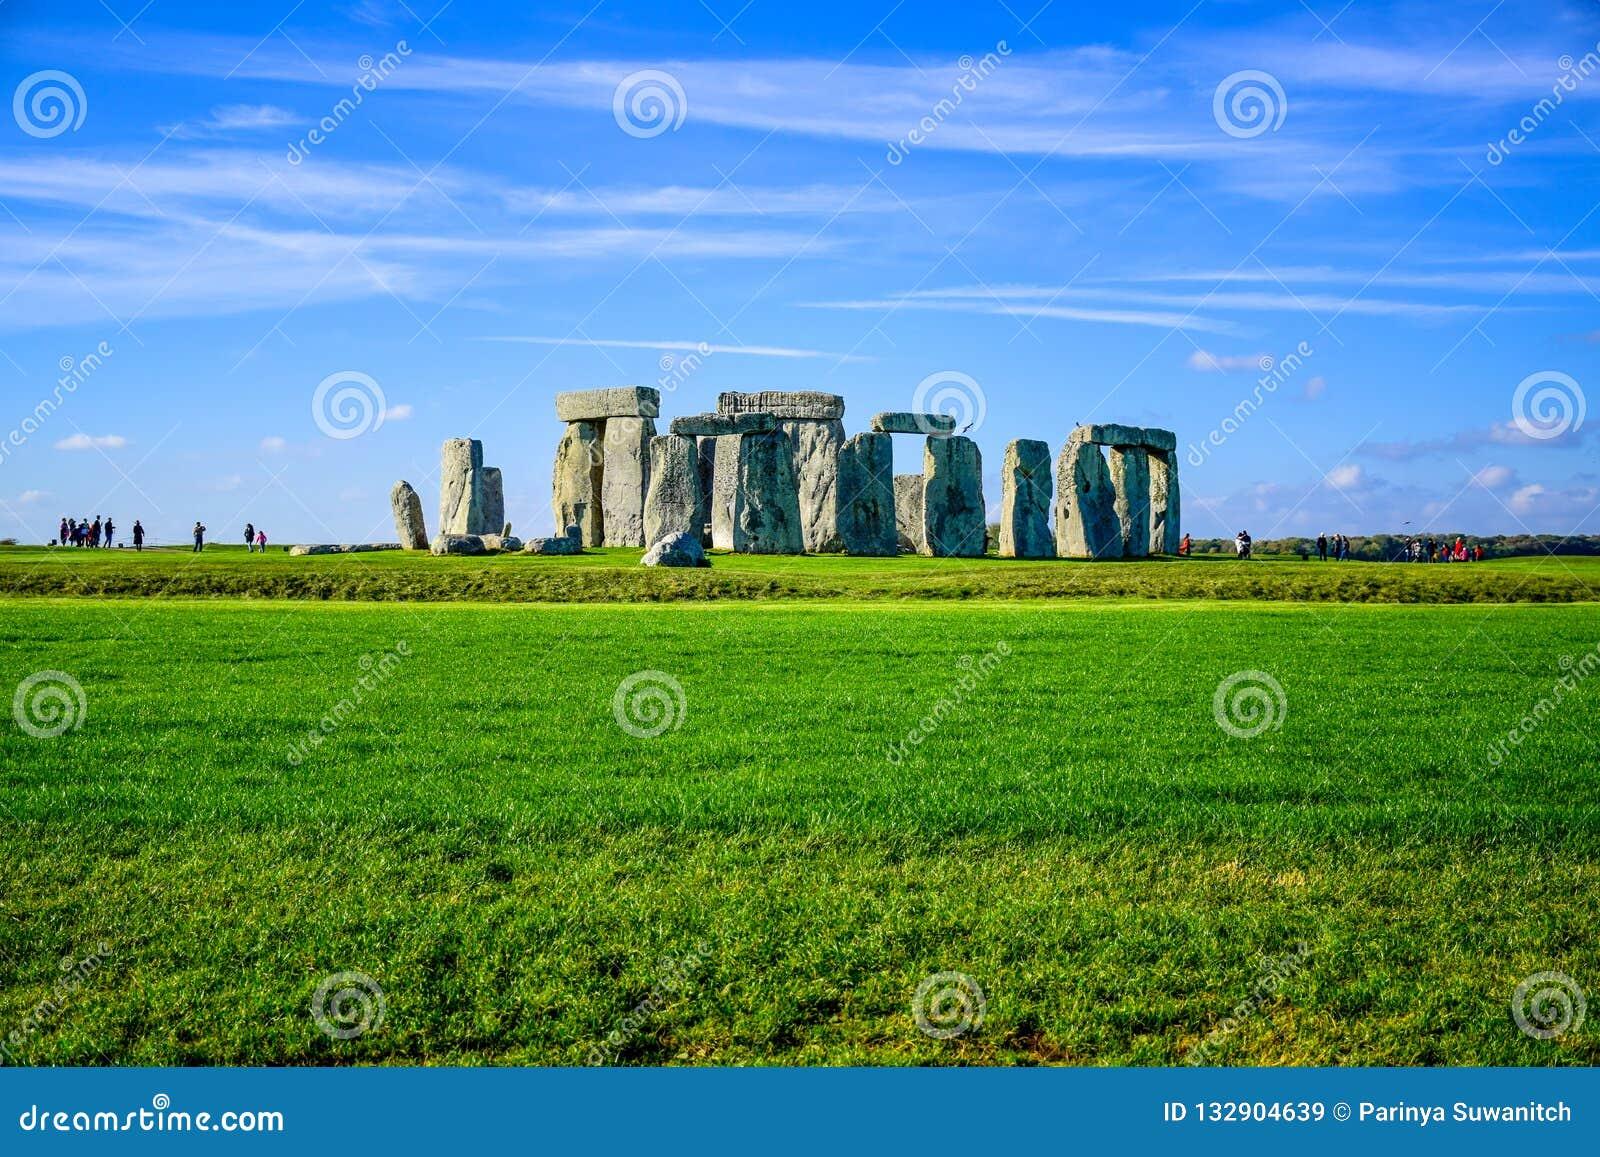 Vista del paesaggio di Stonehenge a Salisbury, Wiltshire, Inghilterra, Regno Unito